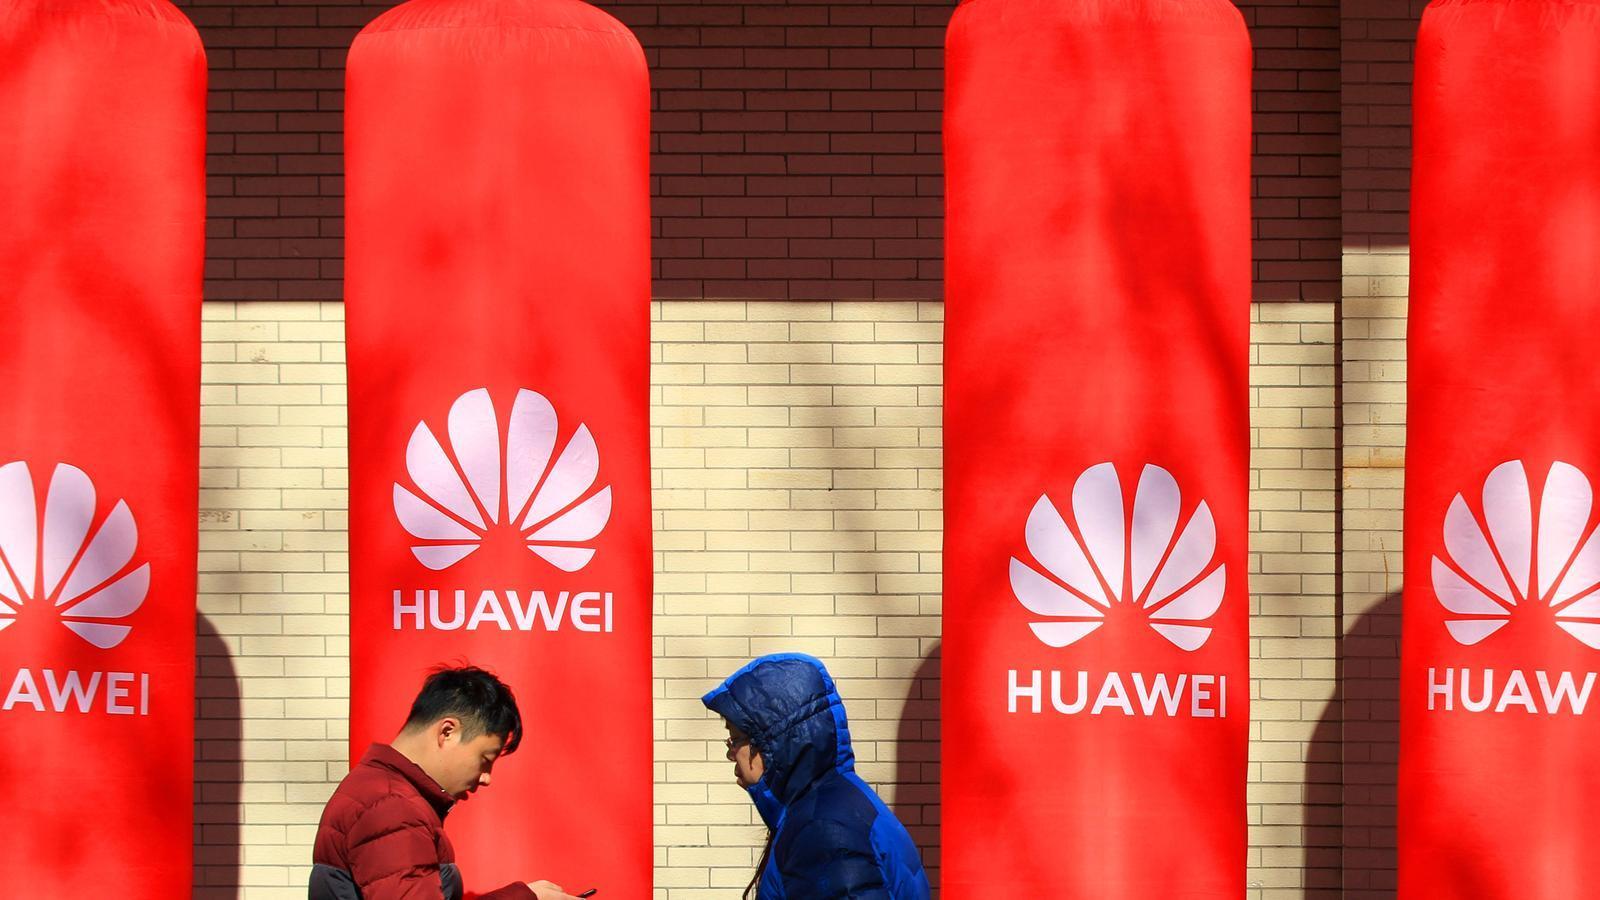 Washington dona un marge de tres mesos a Huawei per continuar operant als EUA